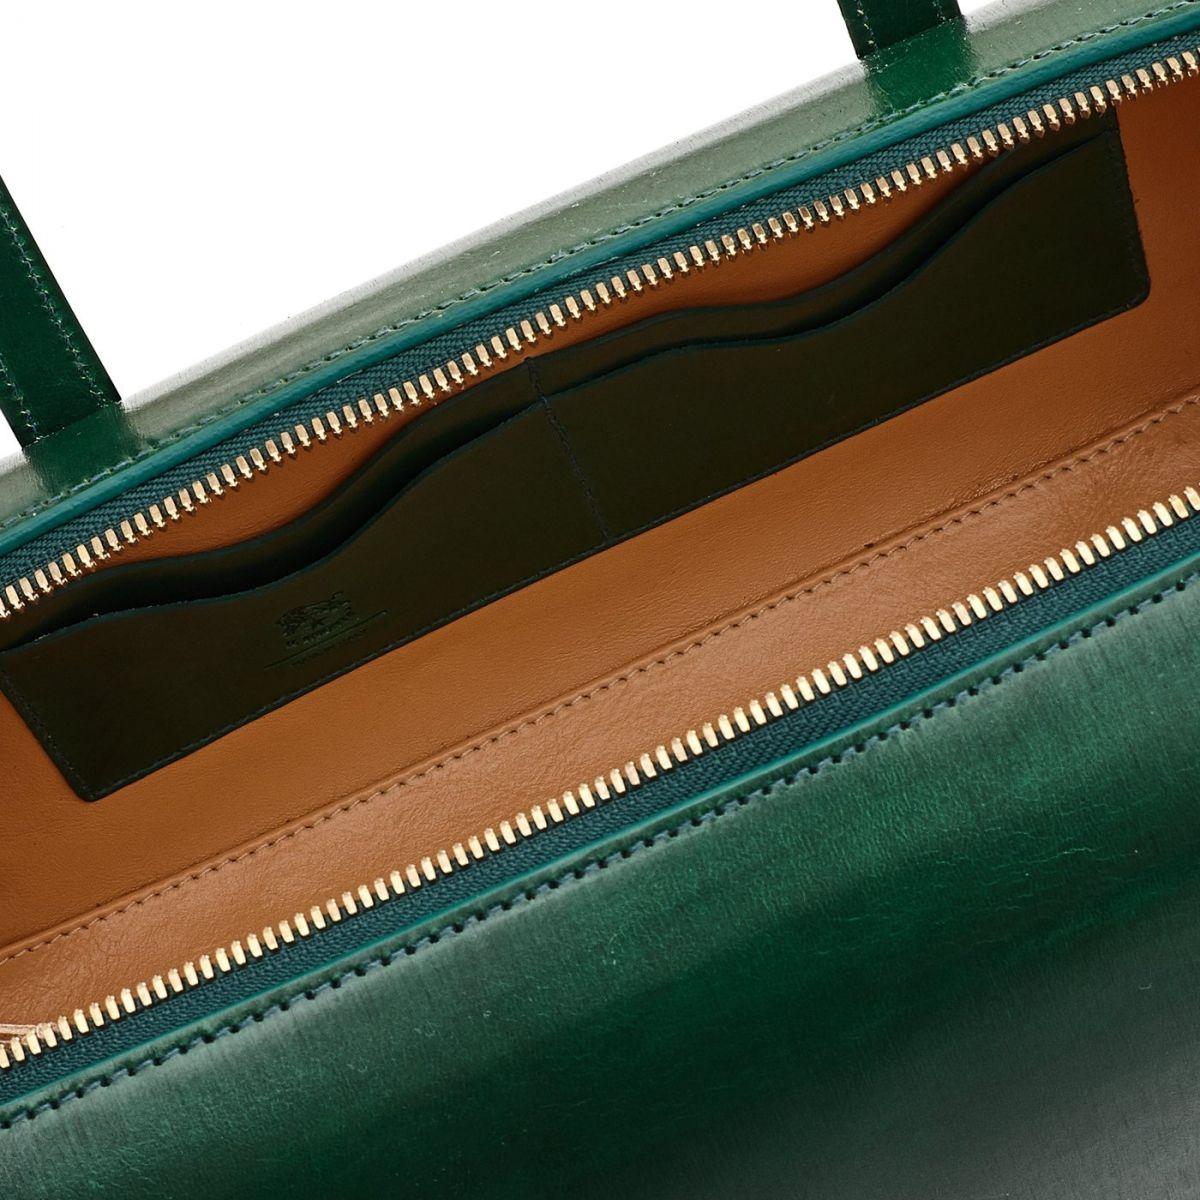 Borsa A Mano da Donna  in Cuoio BTH103 colore Verde | Details